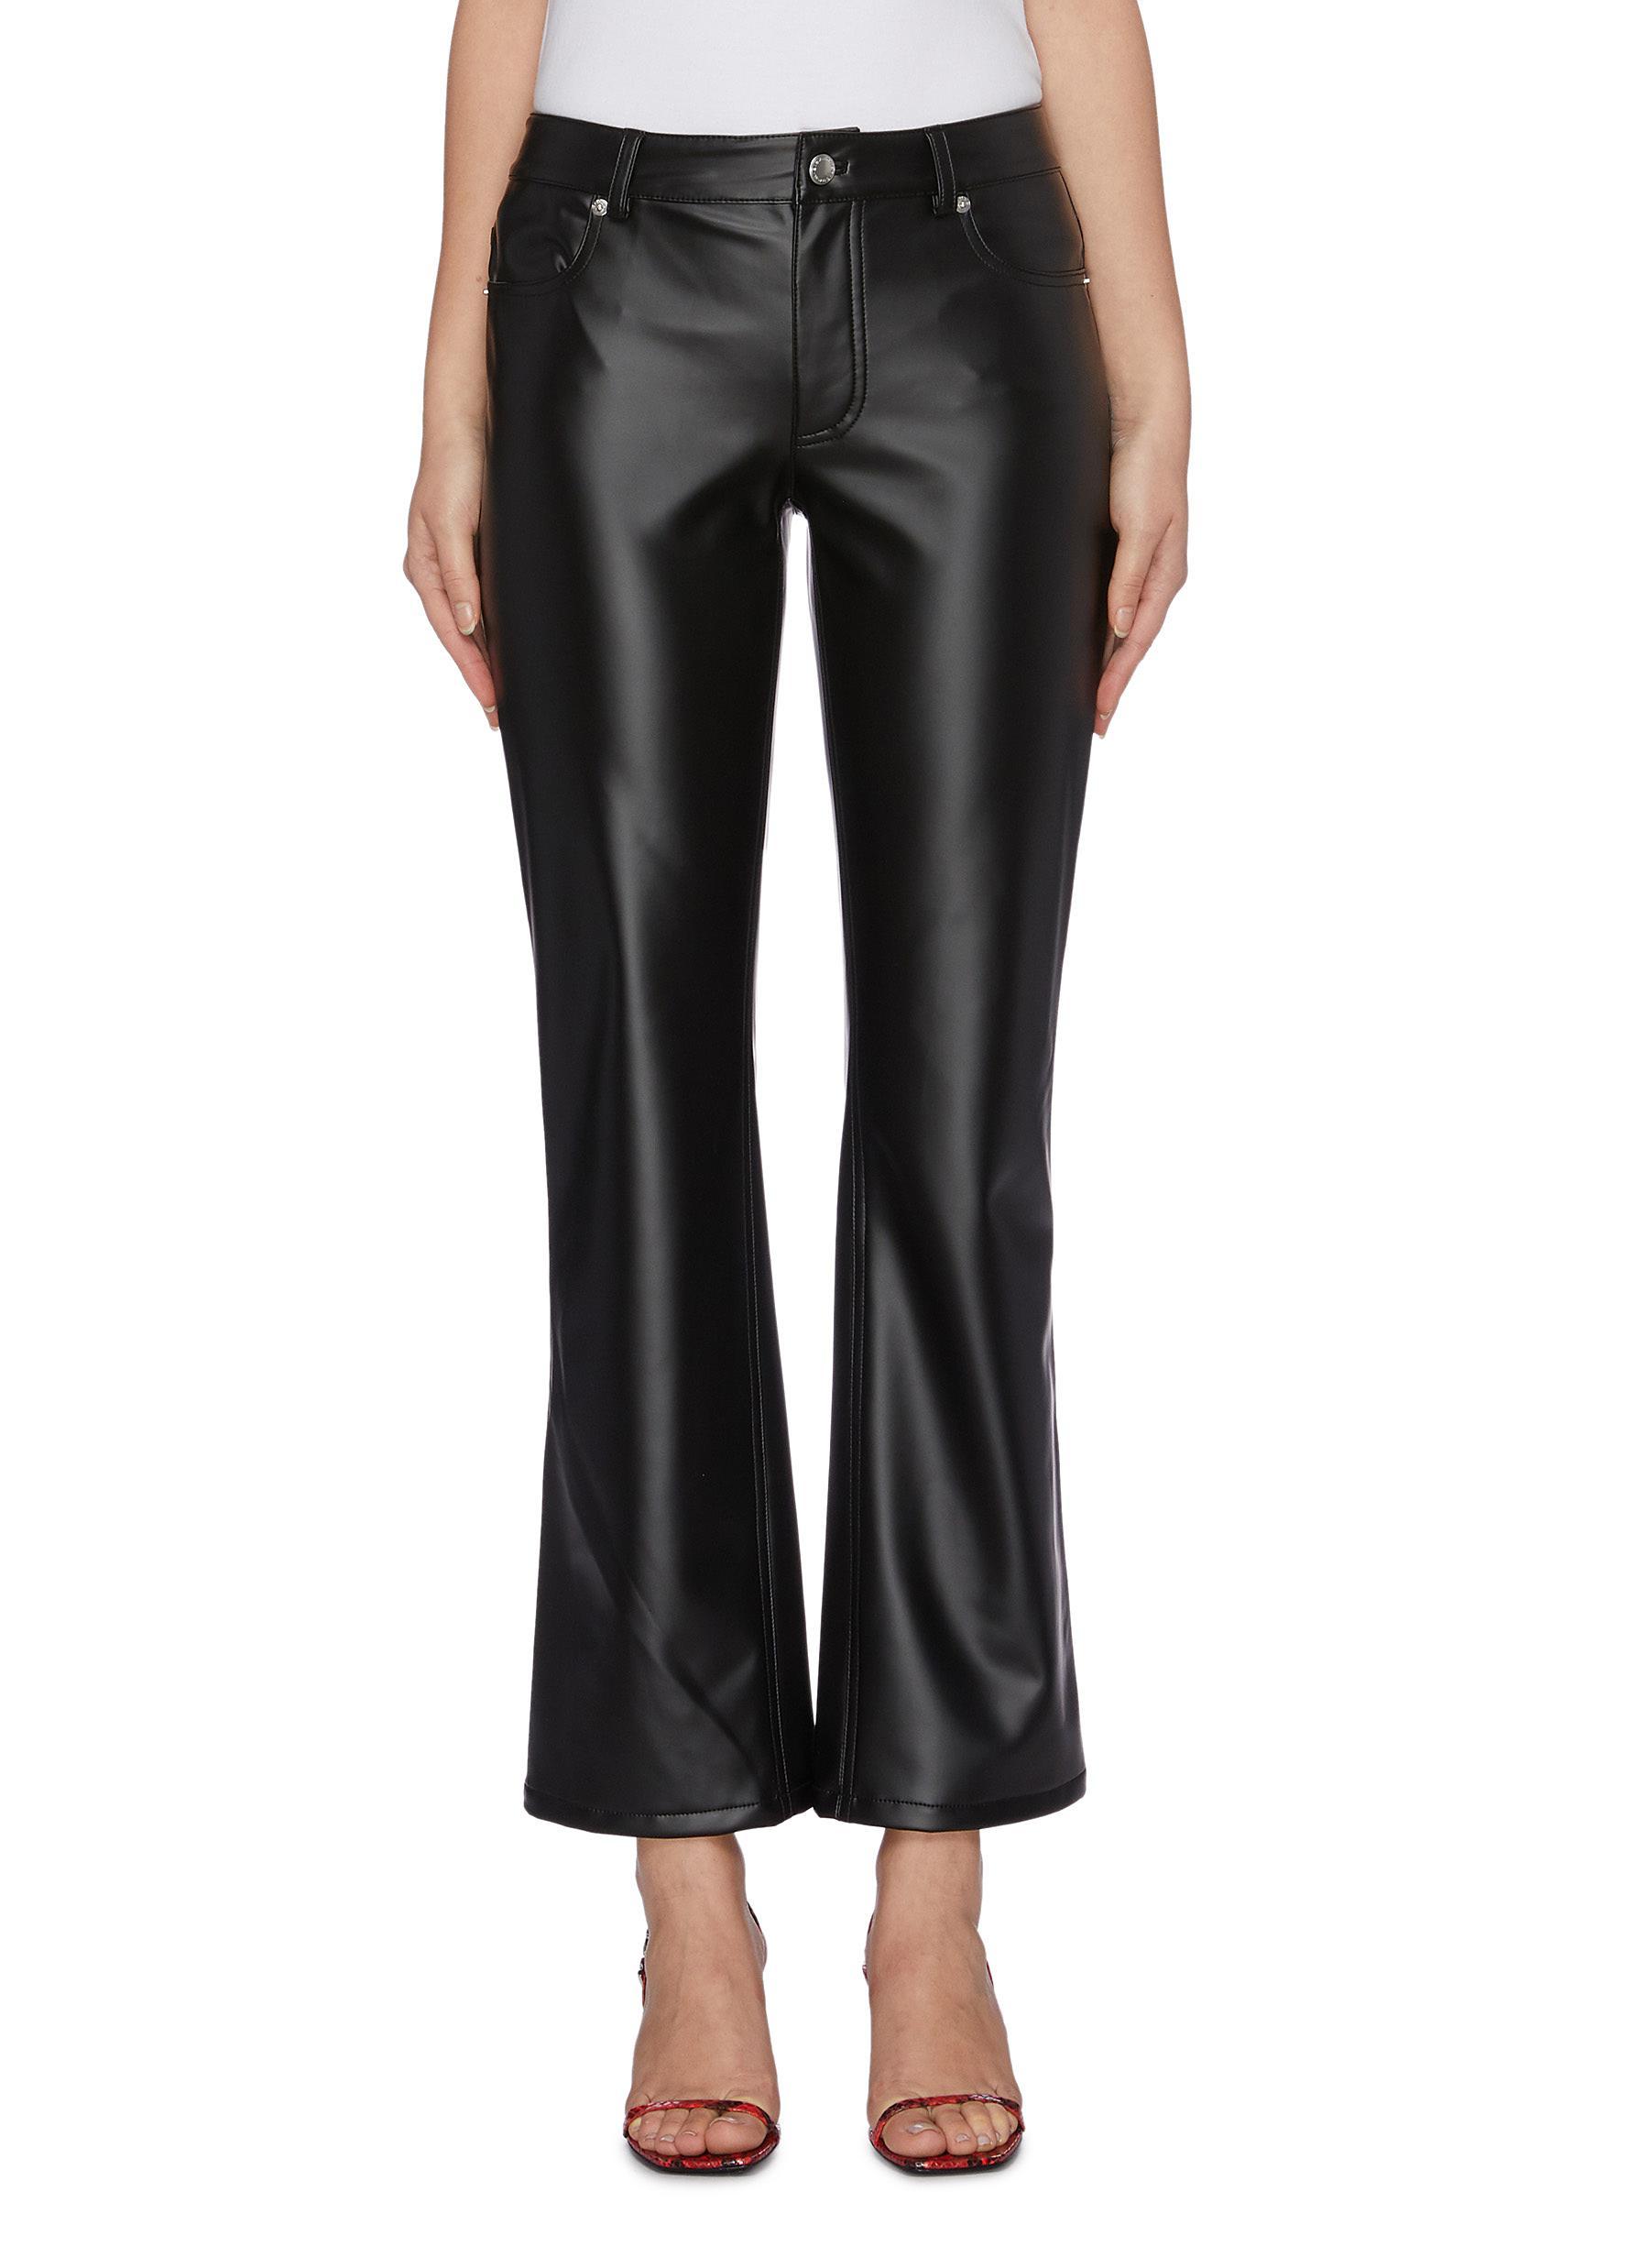 Latex bootcut pants by Alexanderwang